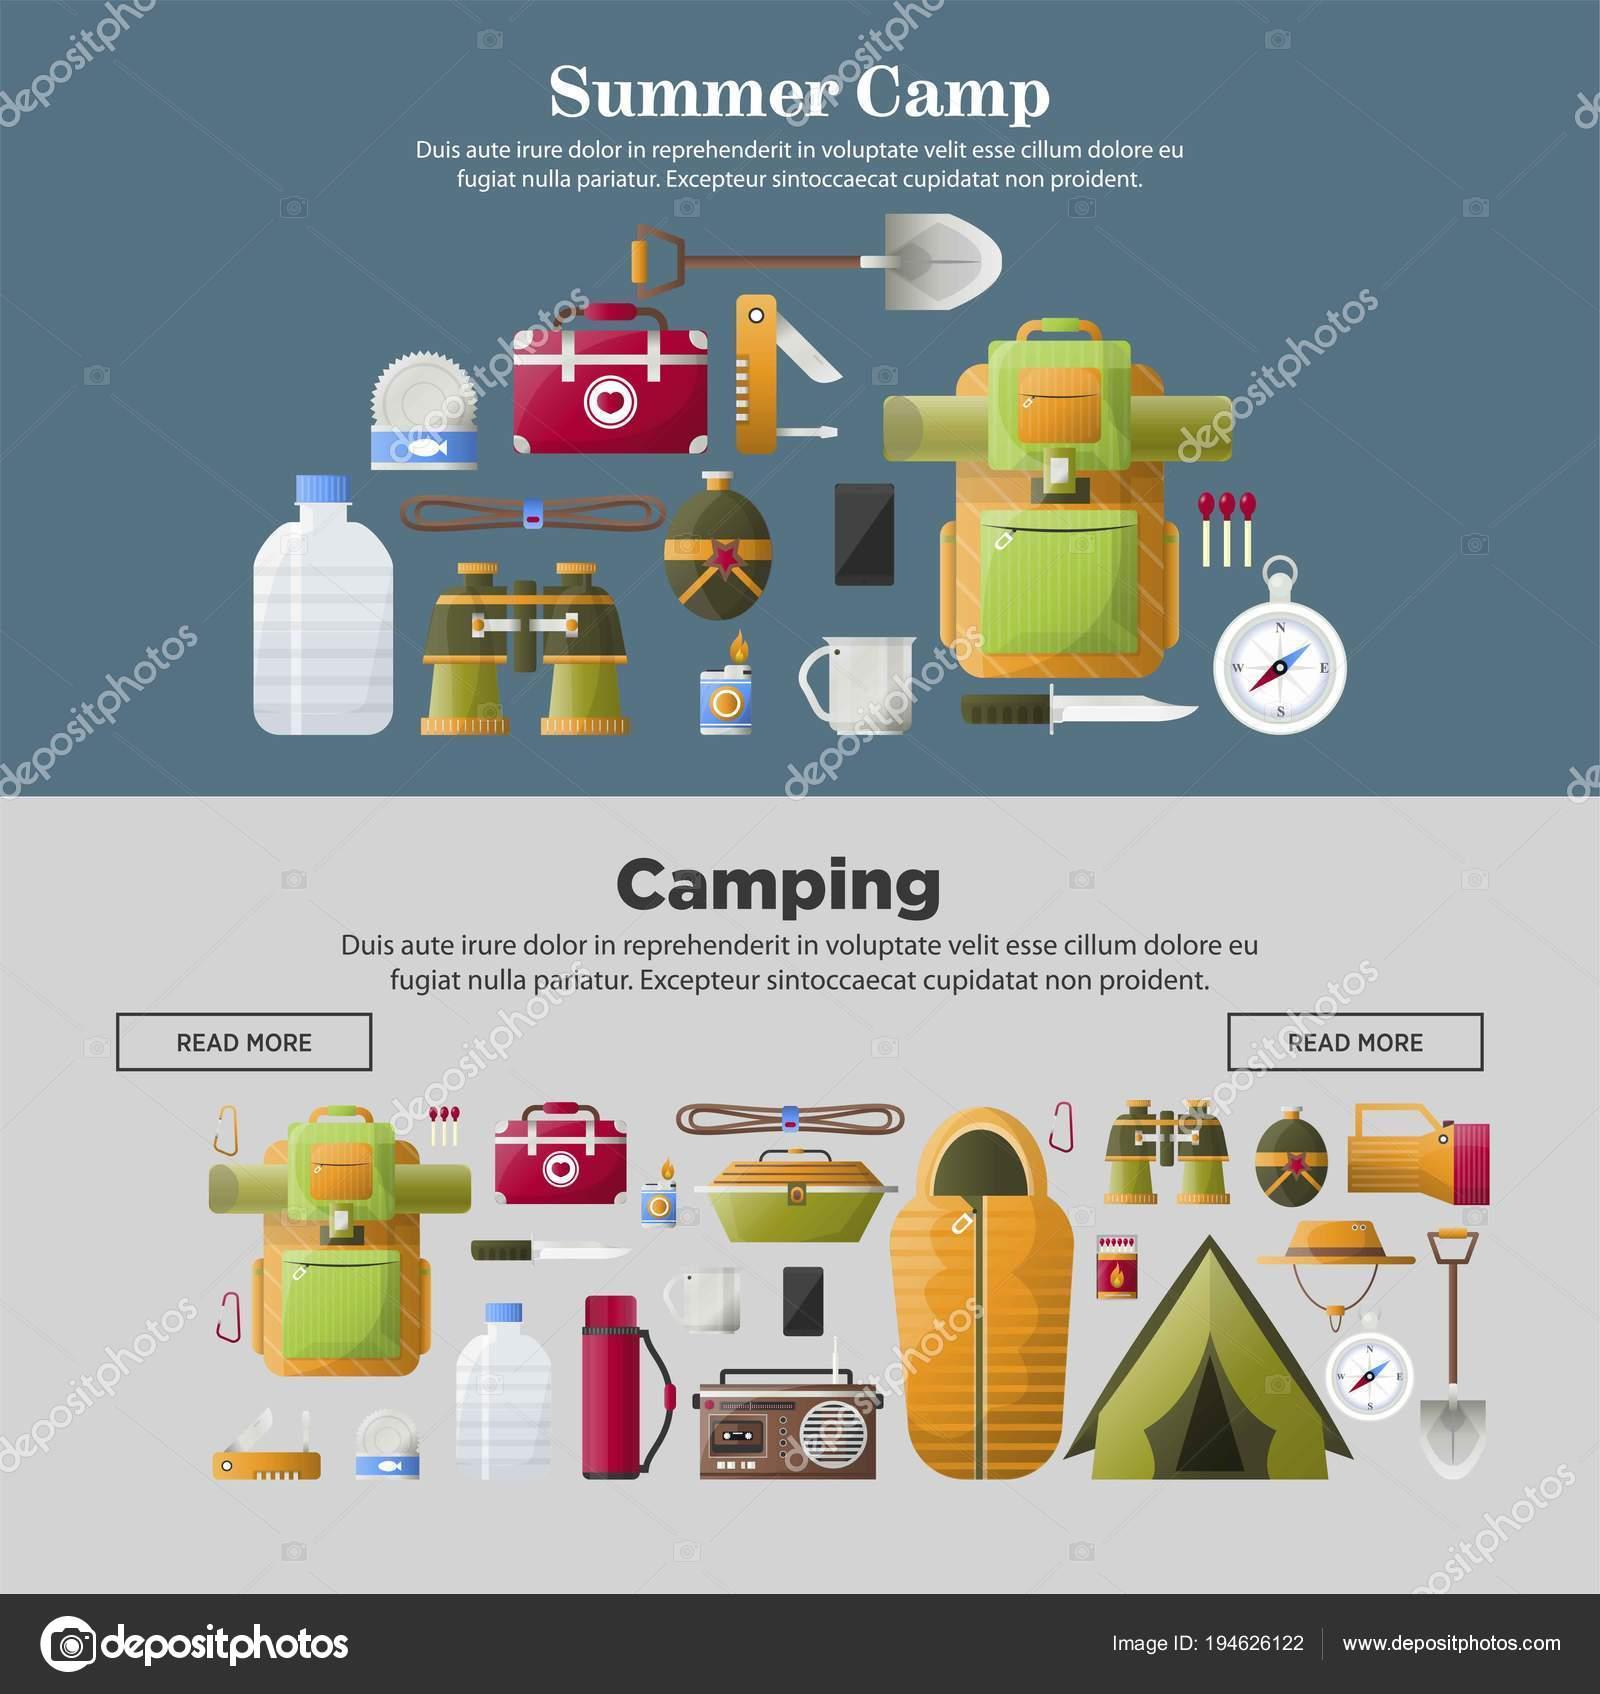 Web Del Campamento Verano Banners Plantillas Para Camping Aventura ...